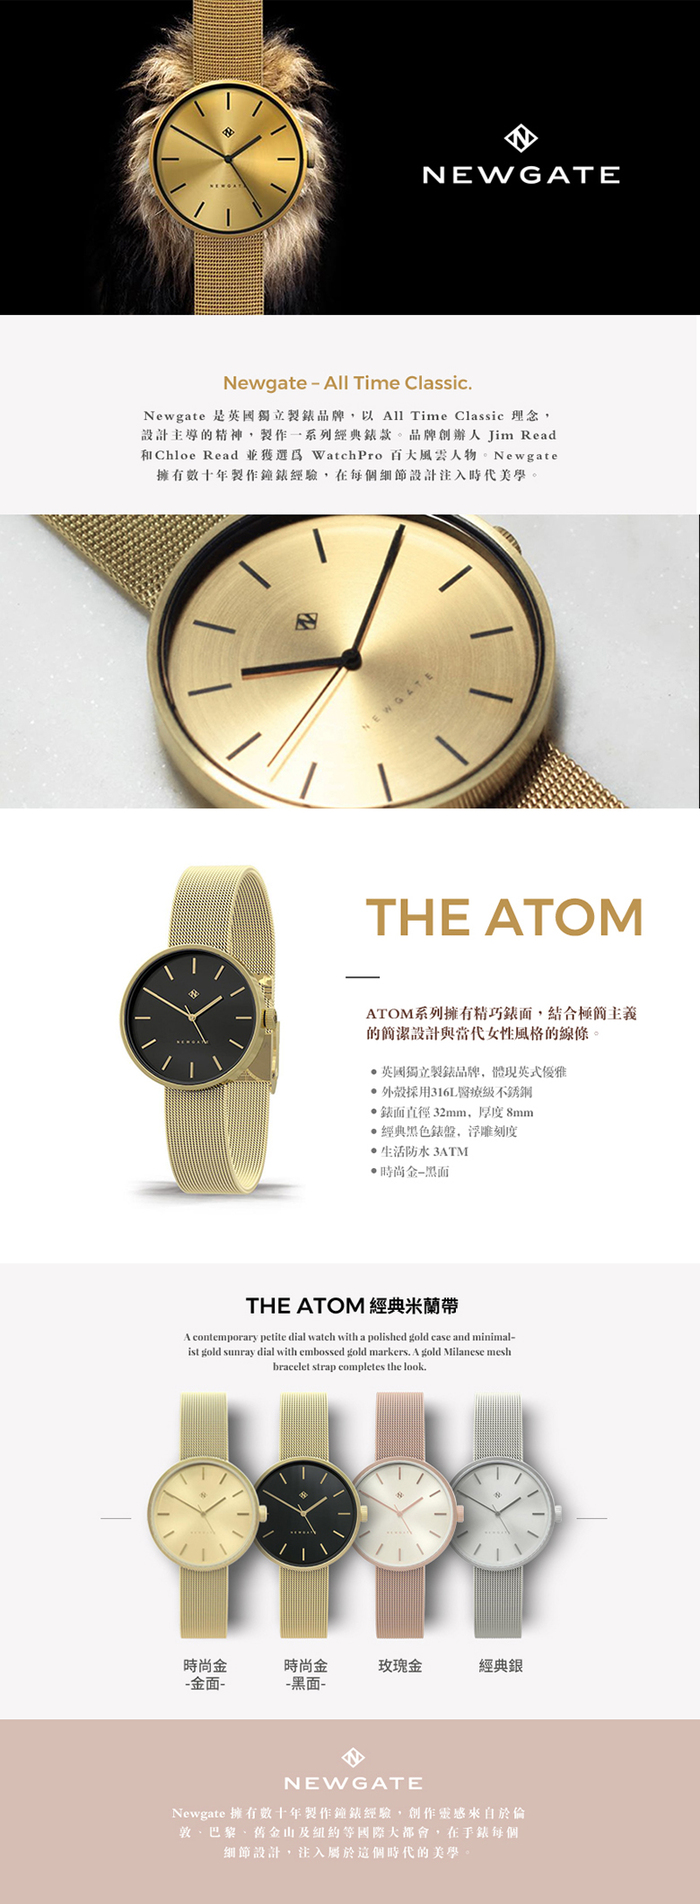 (複製)Newgate | ATOM-時尚金-金色錶面-不鏽鋼米蘭帶-32mm